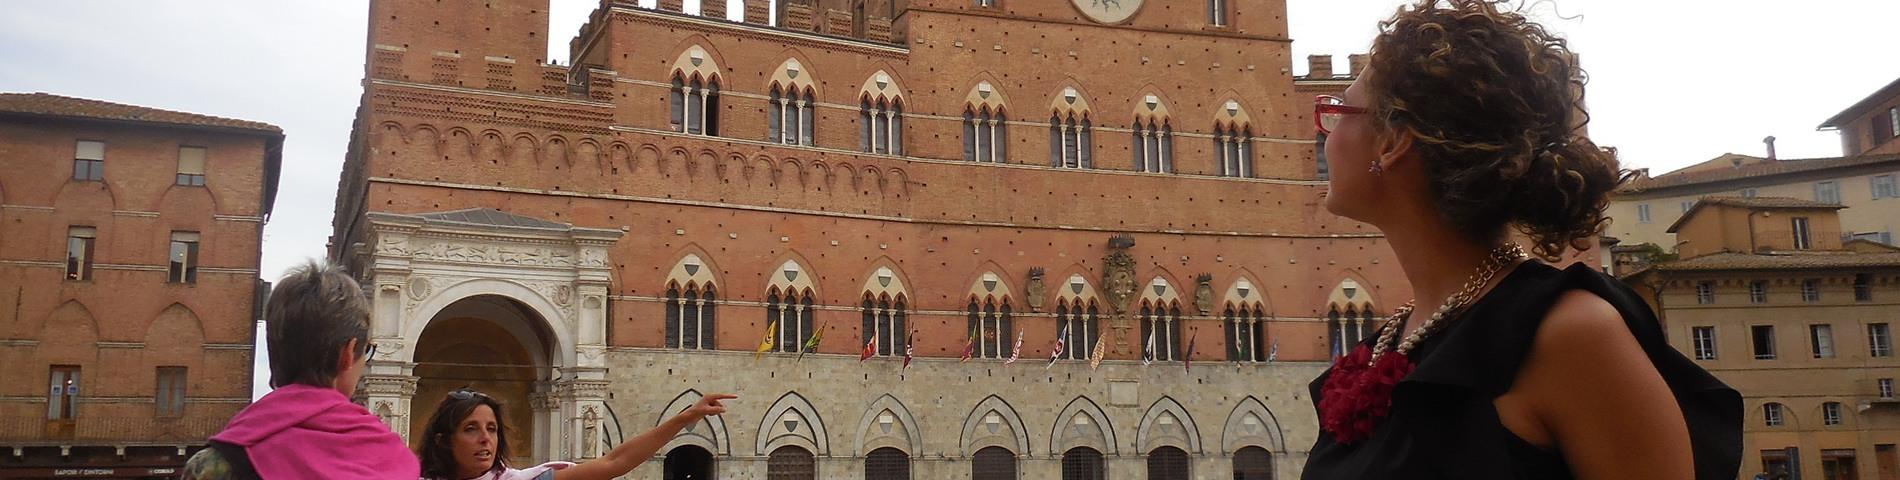 Scuola Leonardo da Vinci bild 1